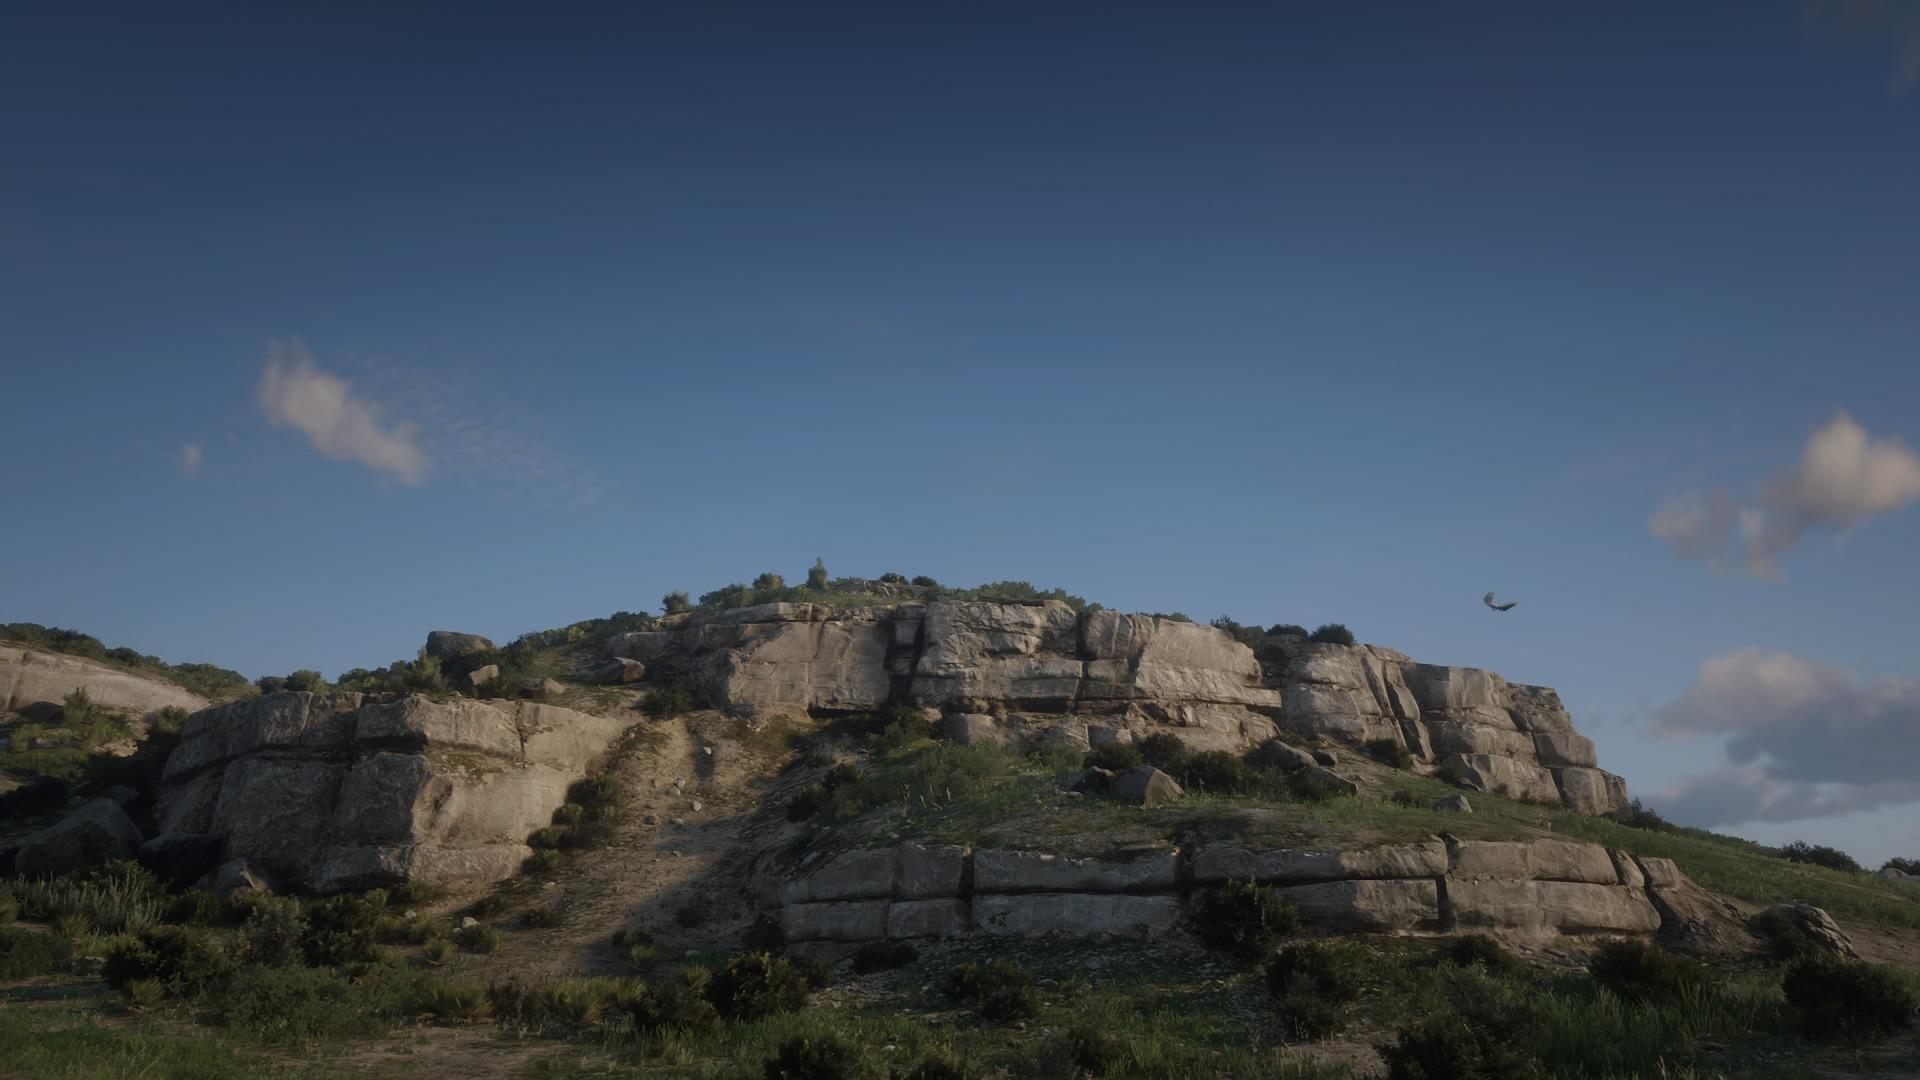 Citadel Rock